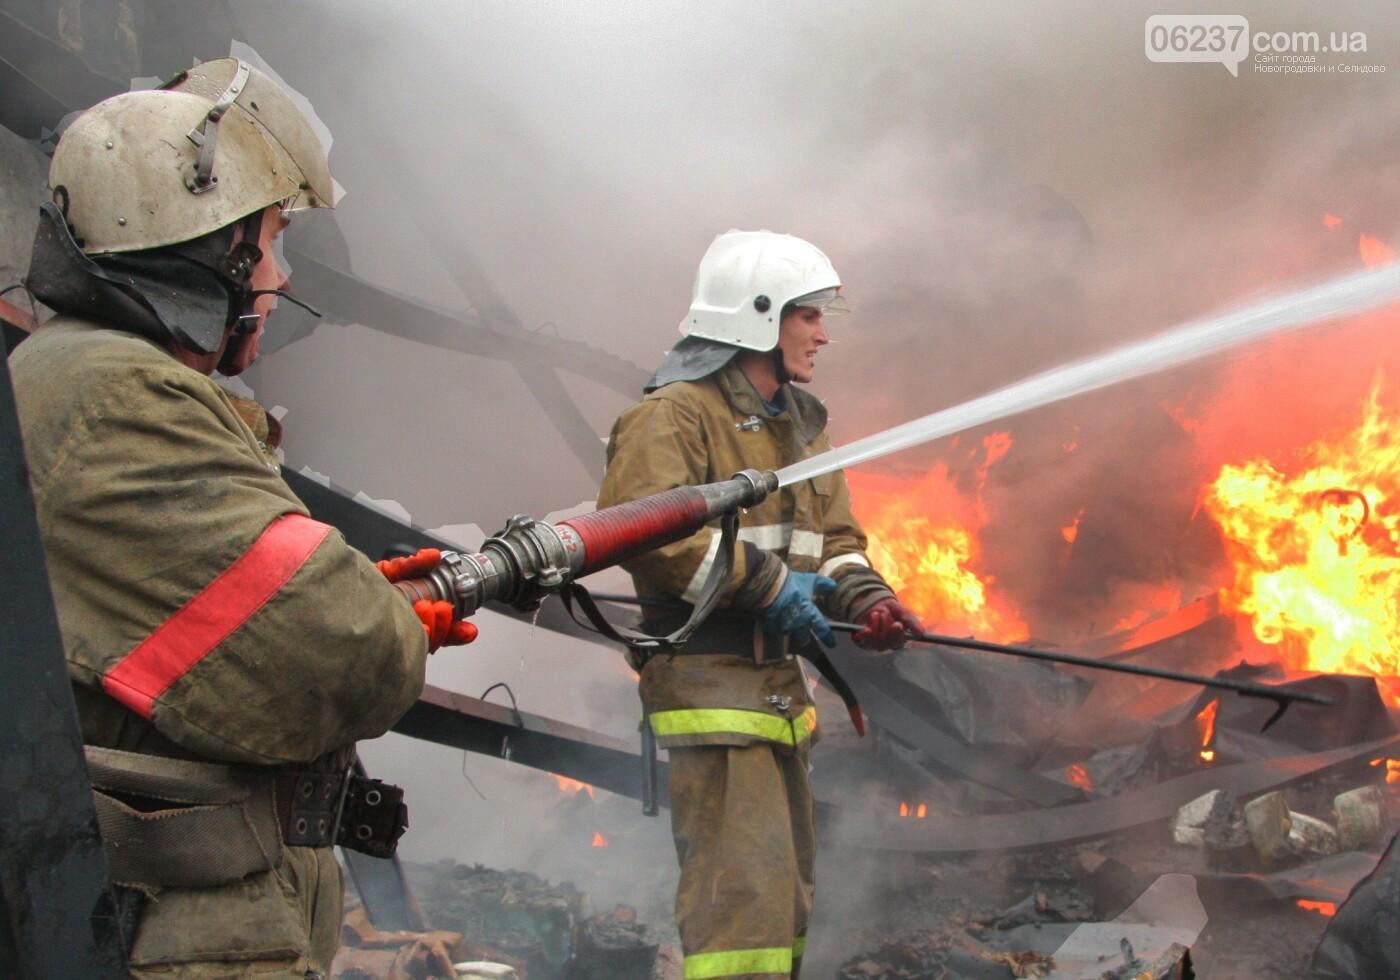 Суд на 2 месяца арестовал владельца одесской гостиницы, в которой сгорели 9 человек, фото-1